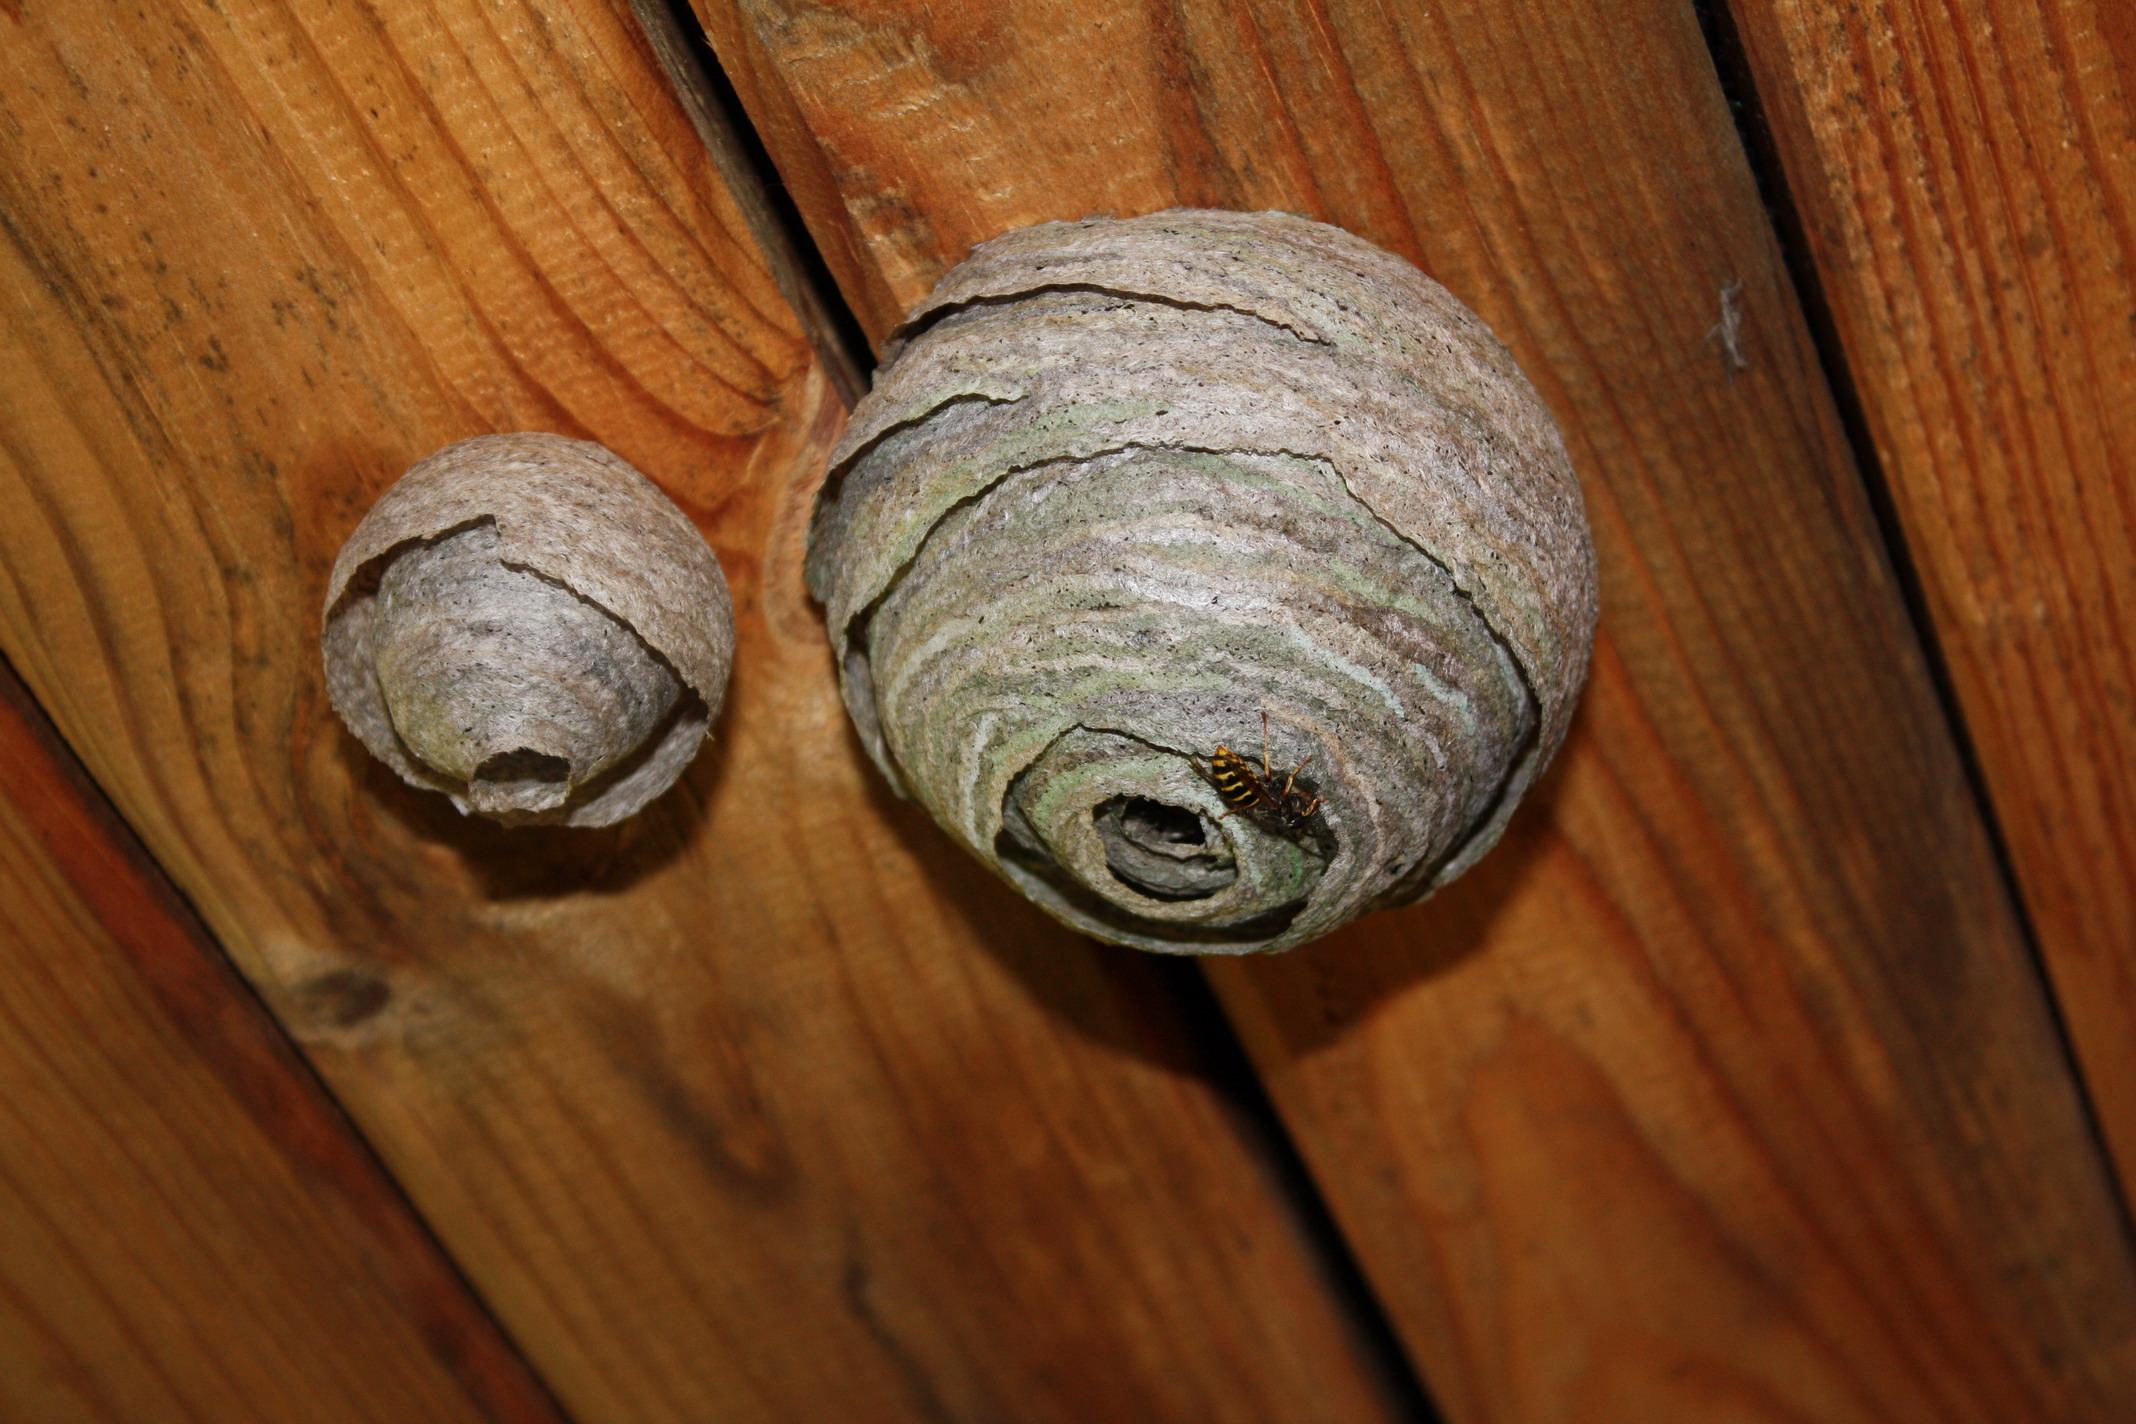 Осиное гнездо из чего сделано